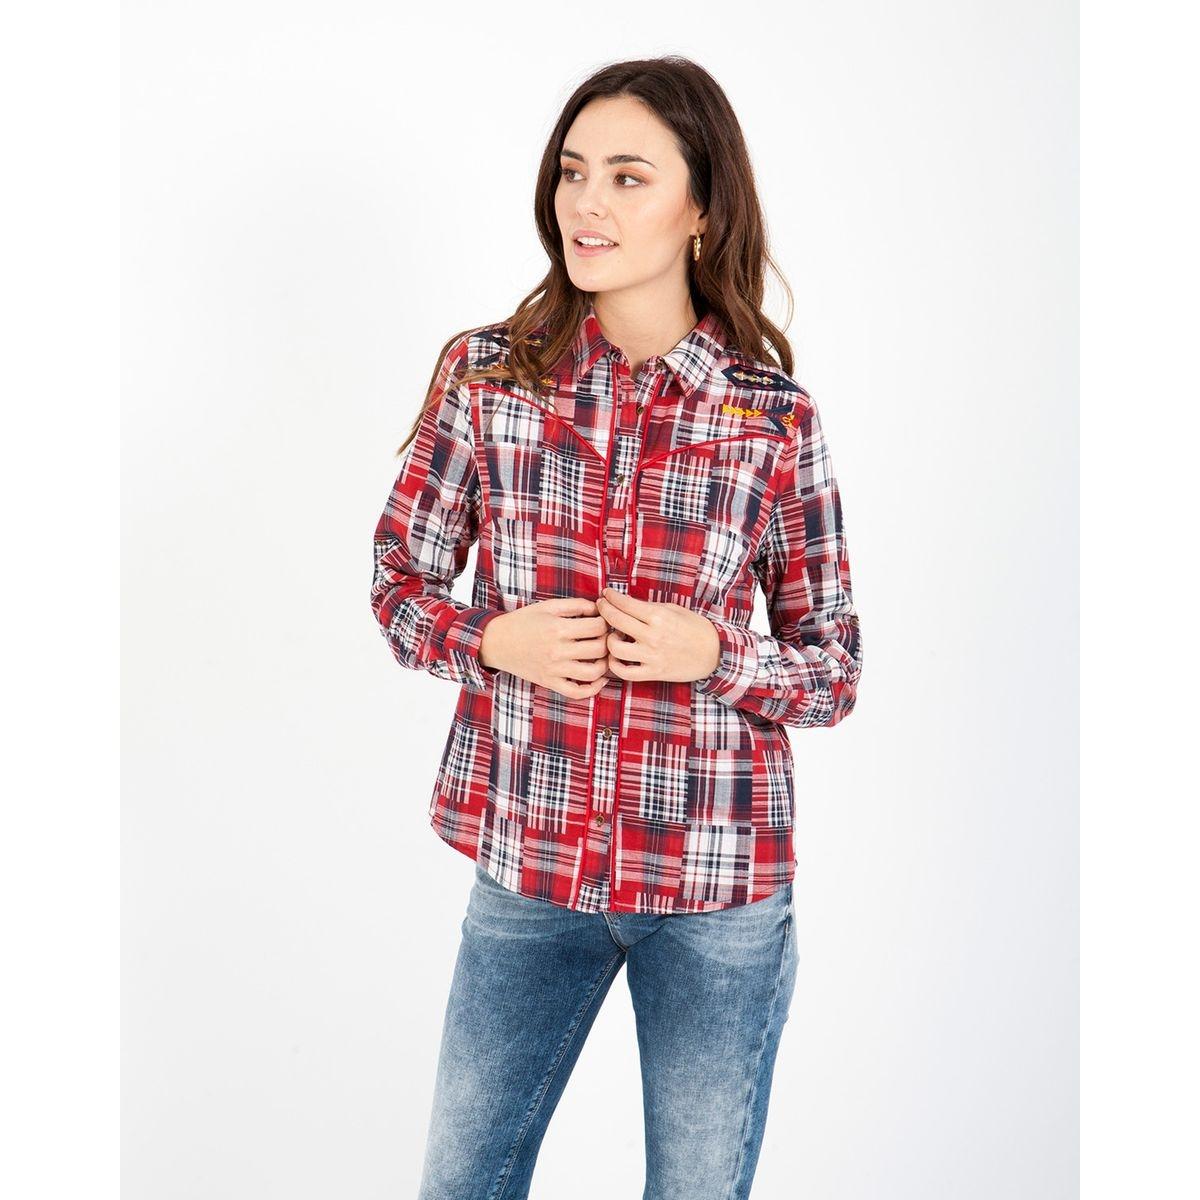 Chemise avec imprimé de carrés et bordures en rouge